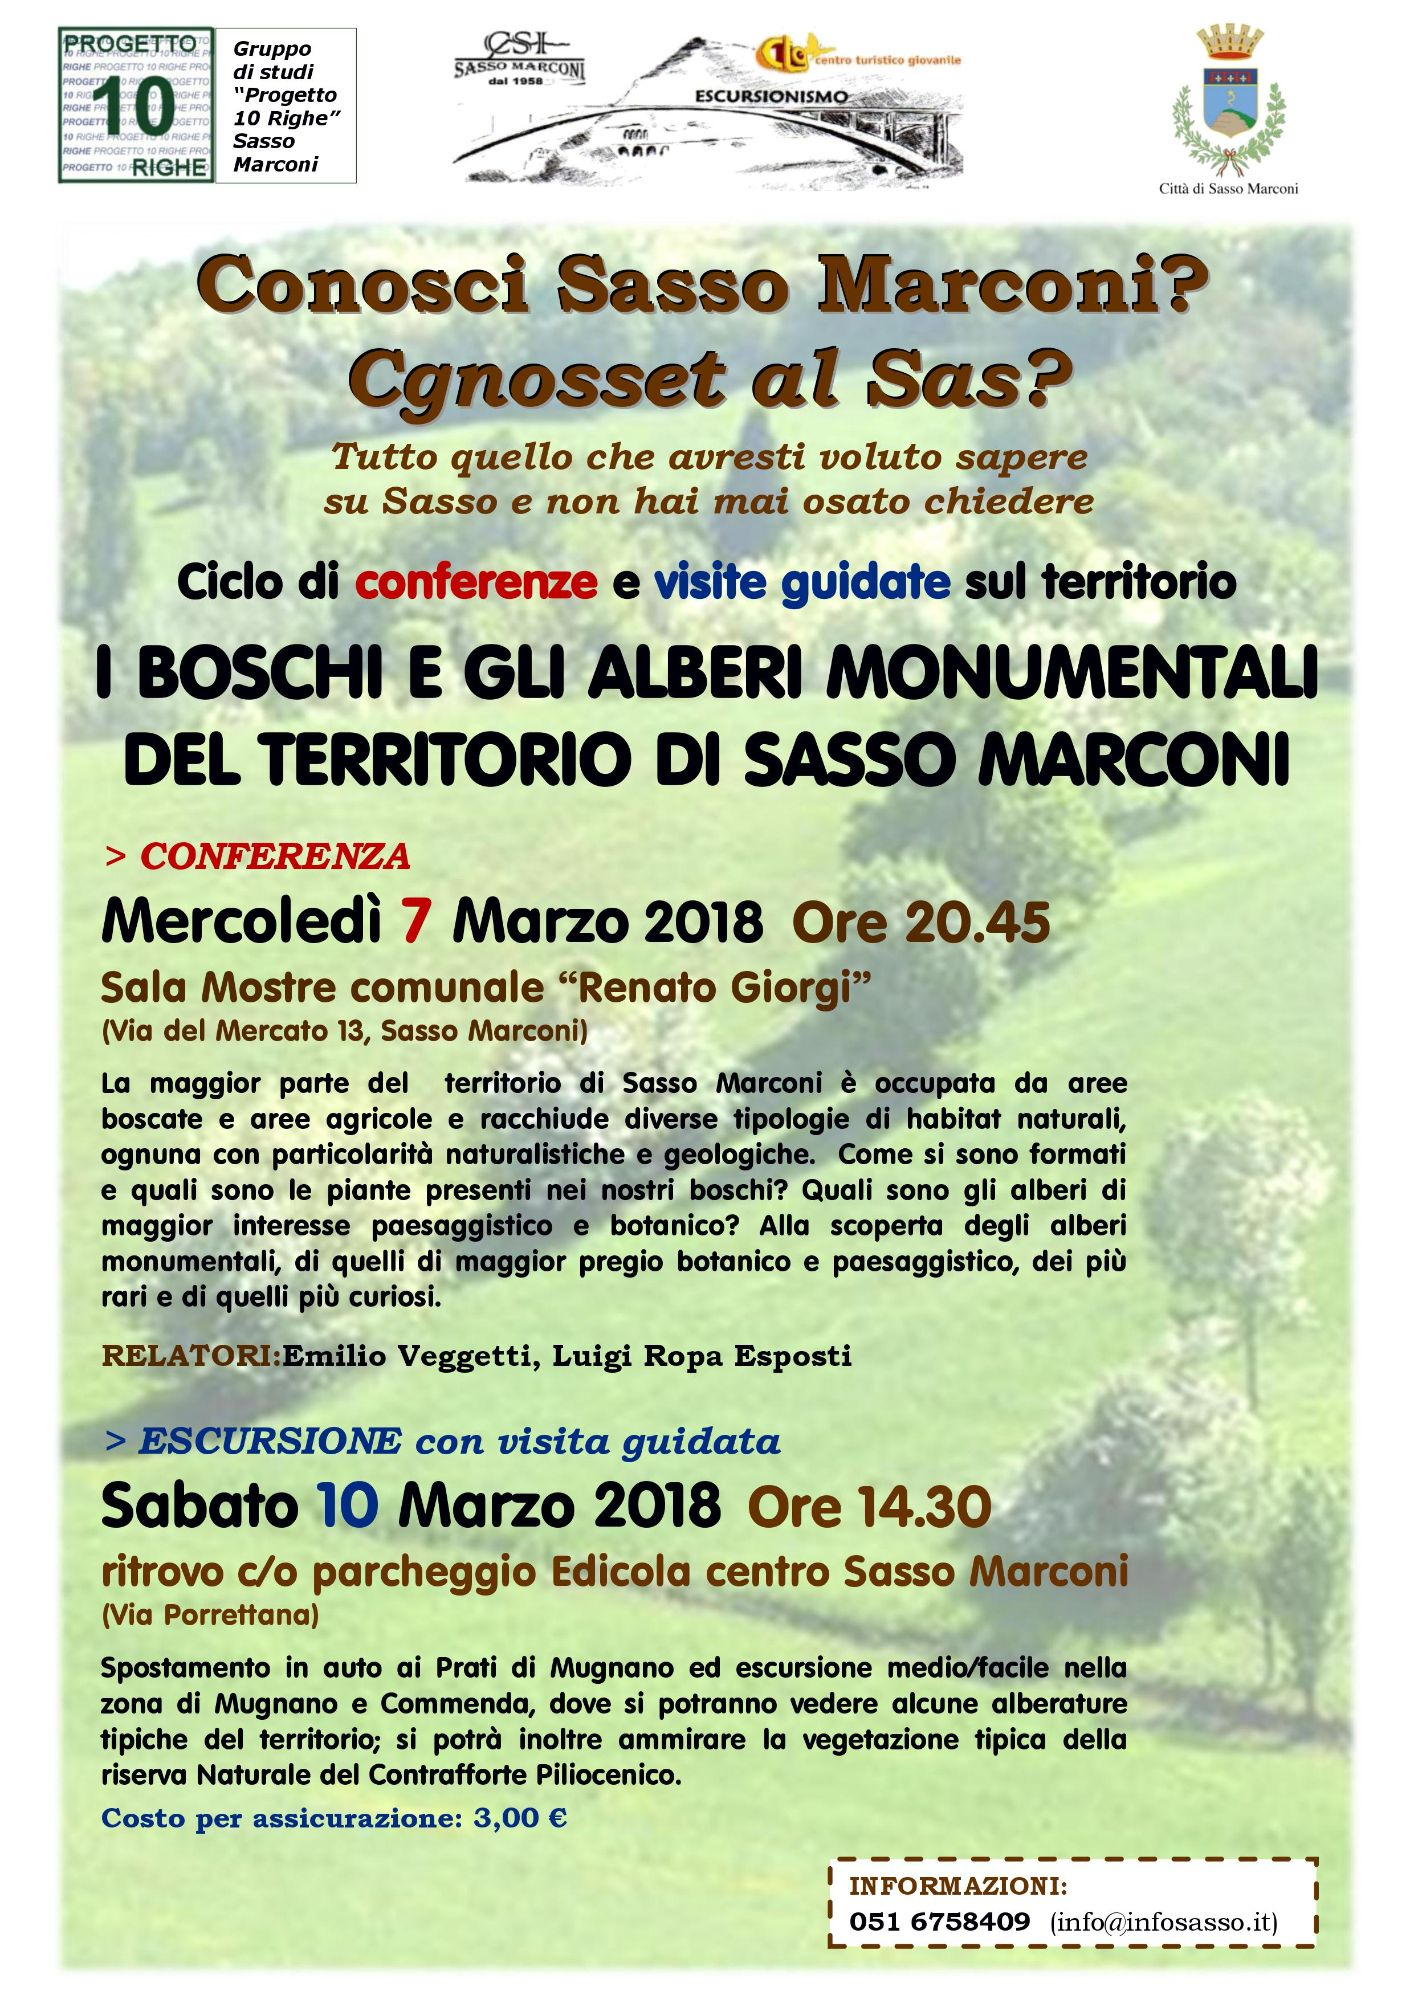 Conferenza - I boschi e gli alberi monumentali del territorio di Sasso Marconi